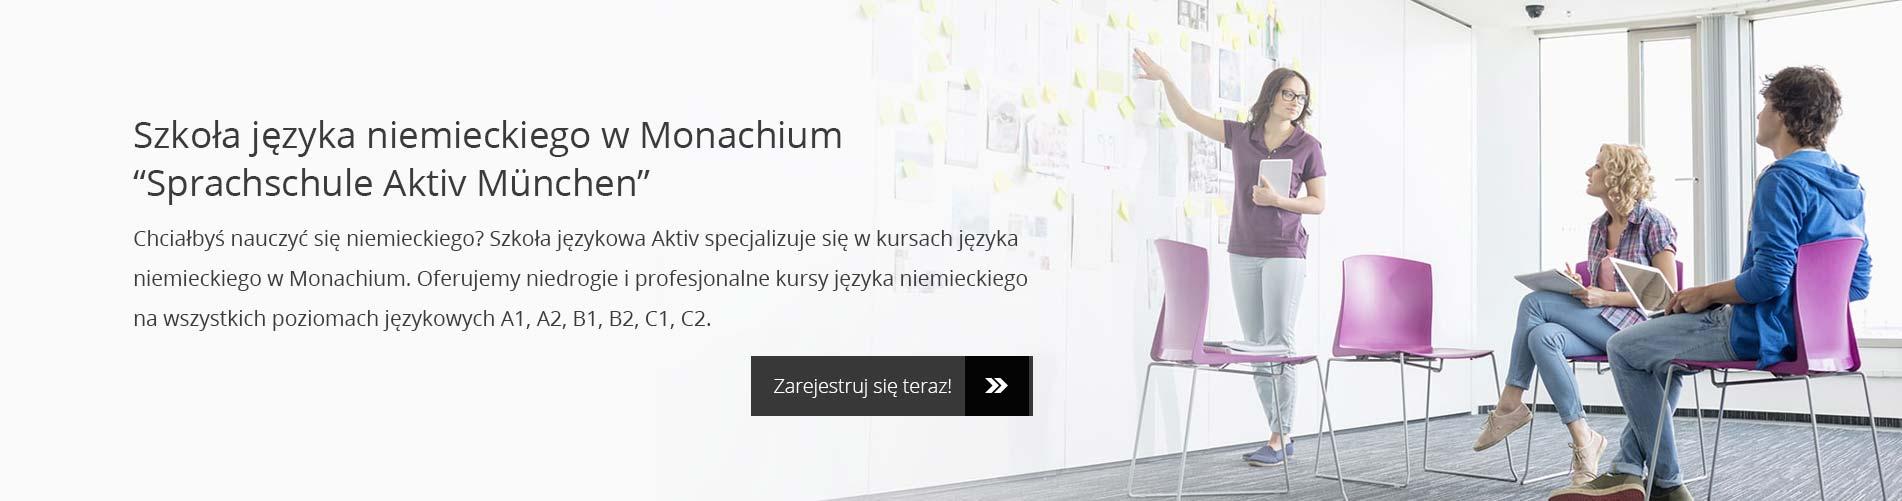 """Szkoła języka niemieckiego w Monachium """"Sprachschule Aktiv München"""""""